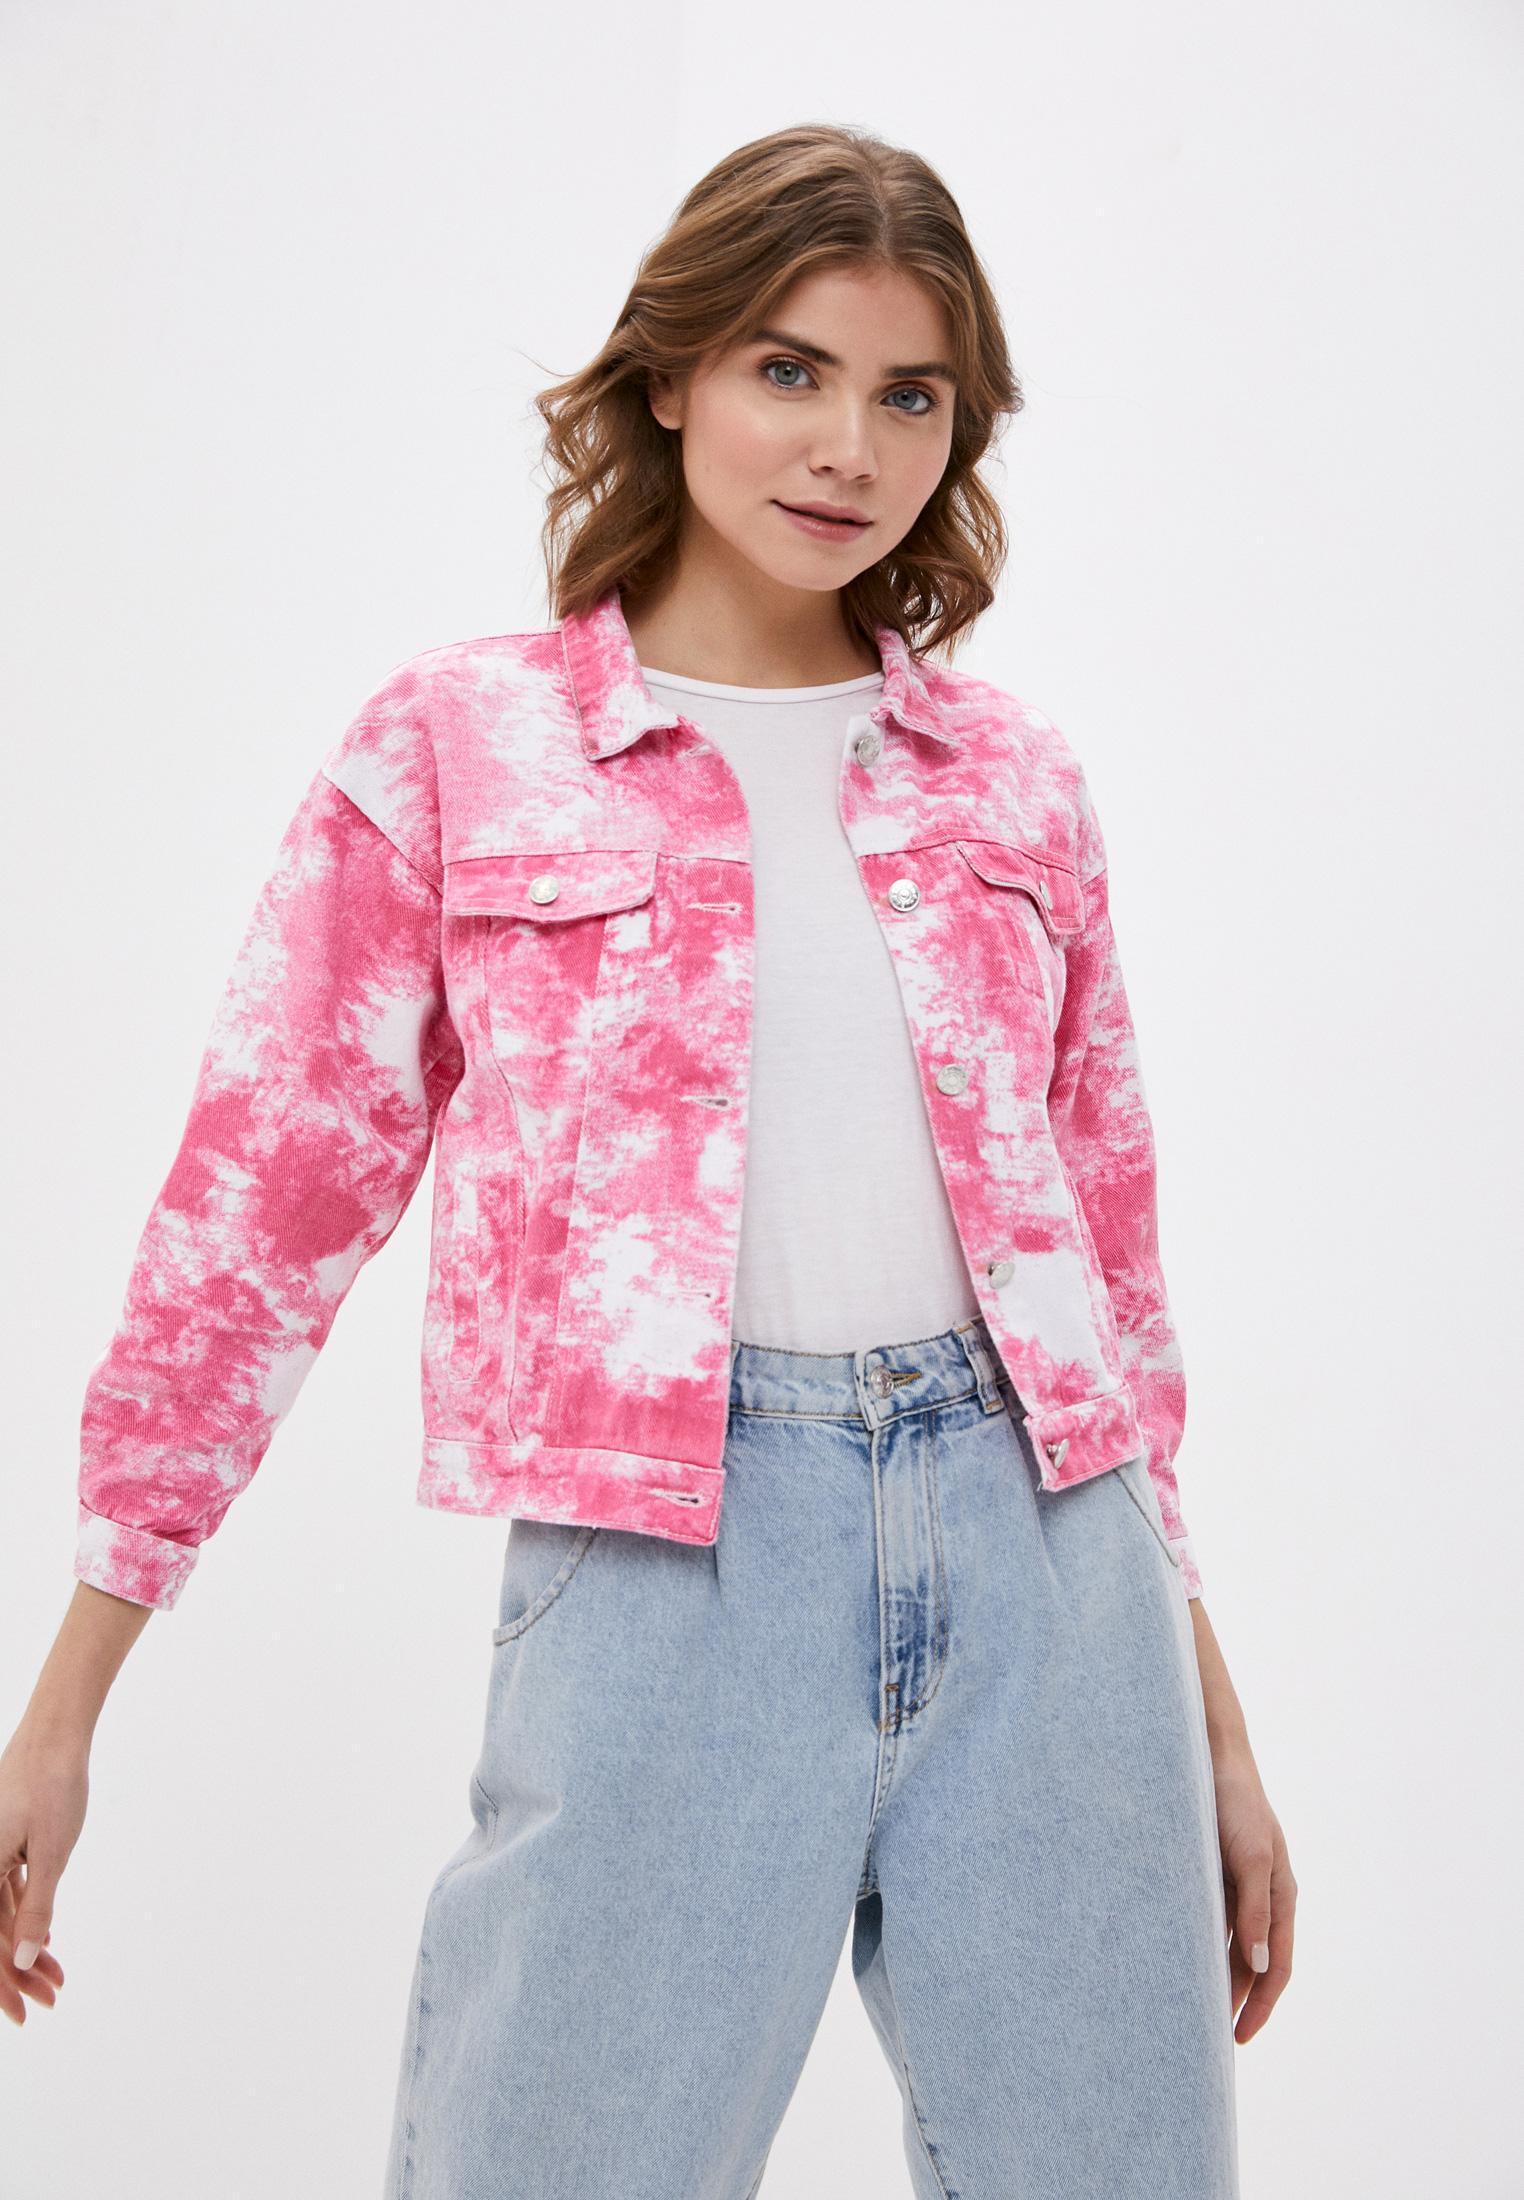 Джинсовая куртка Fadas Куртка джинсовая Fadas